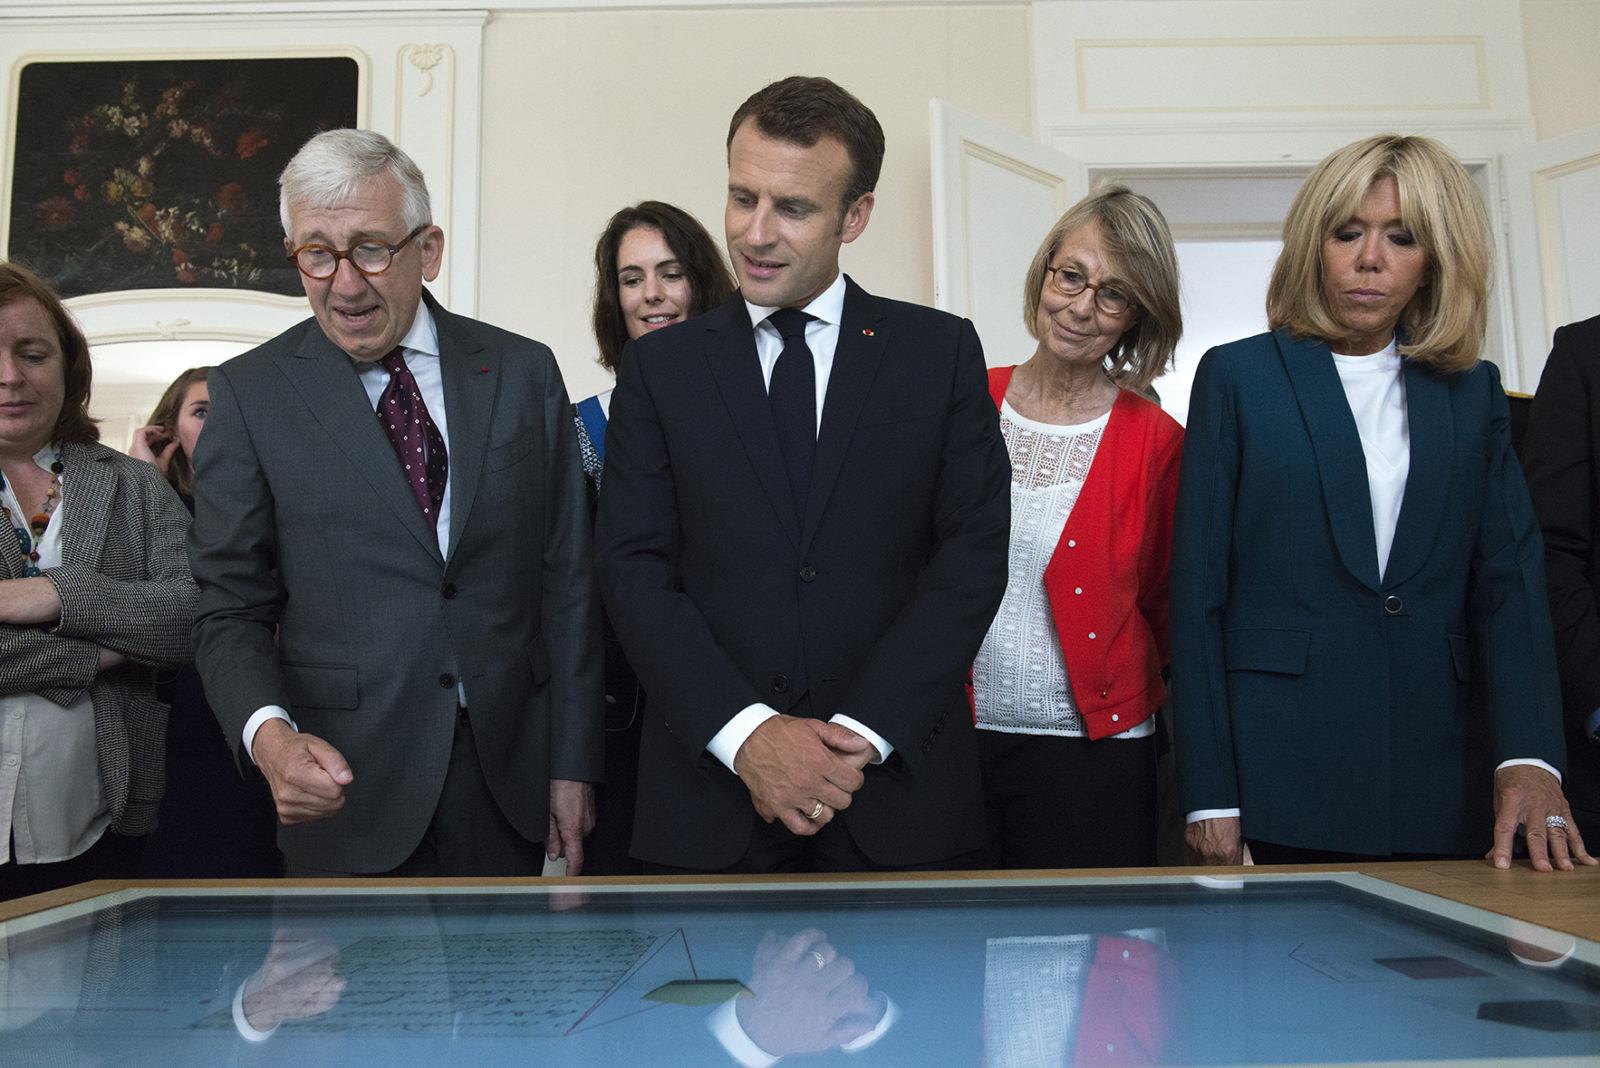 château de Ferney Voltaire visite intérieur du président Macron et Brigitte